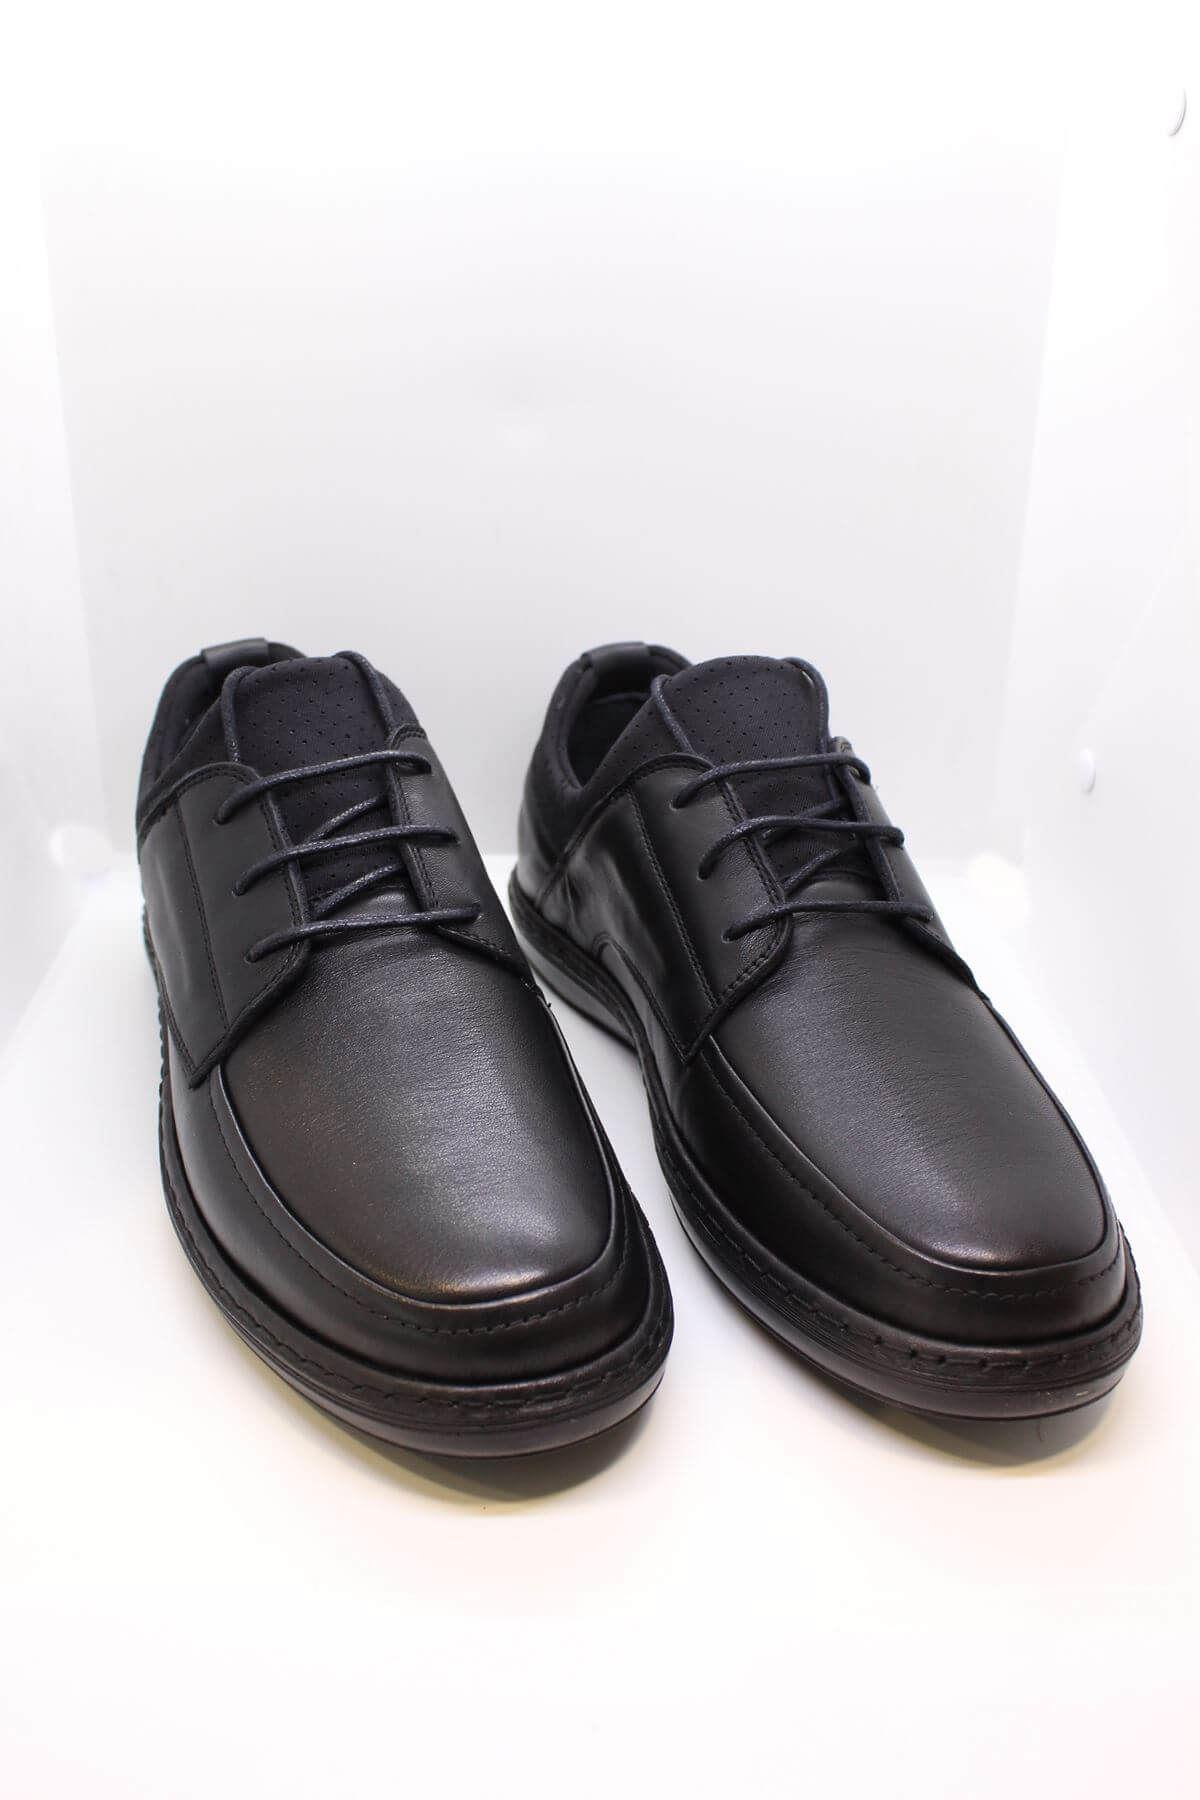 James Franco 4123 Siyah Strec Bağcıklı Hakiki Deri Casual Ayakkabı